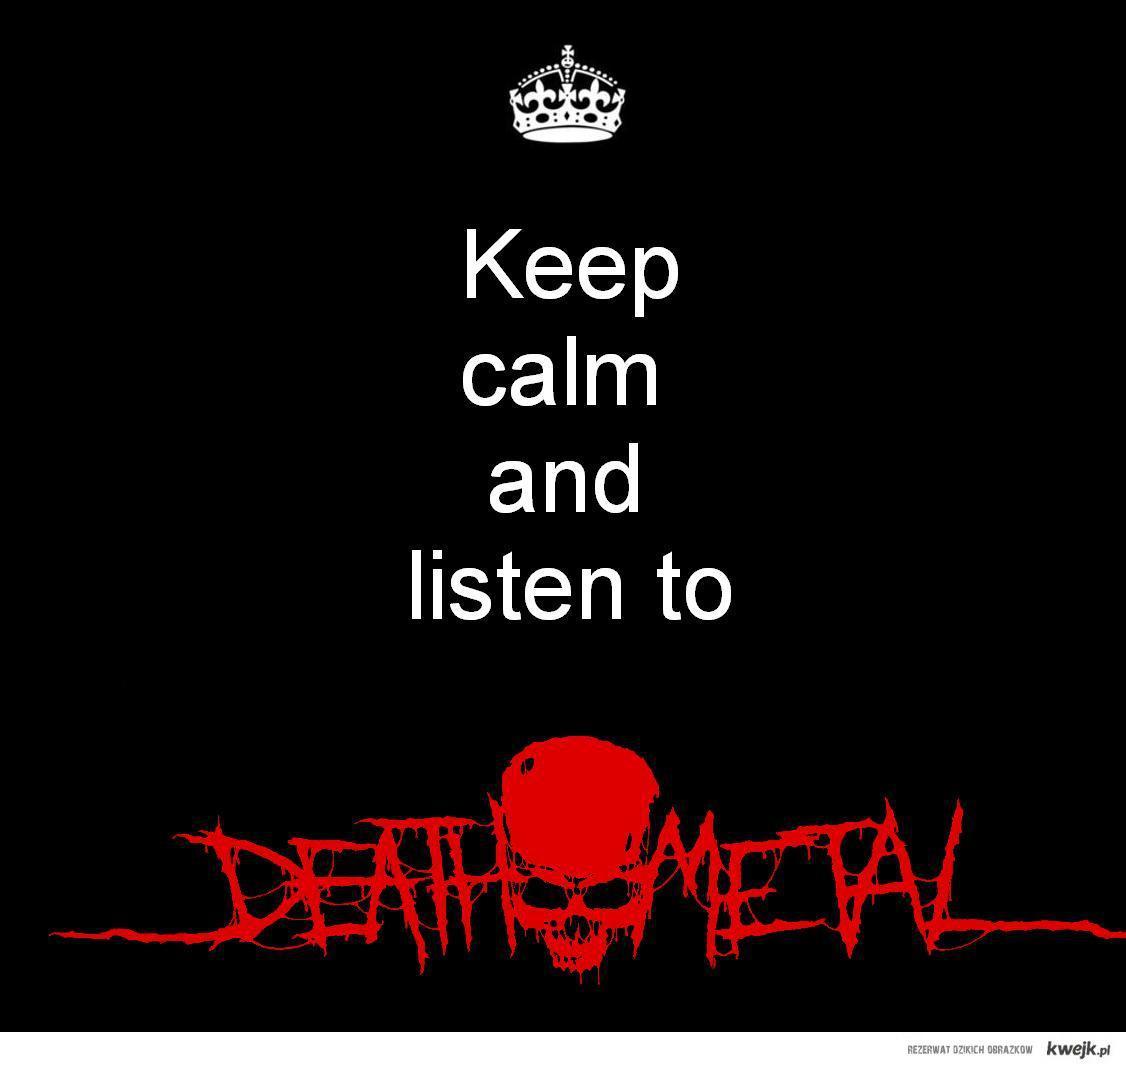 Listen to death metal!!